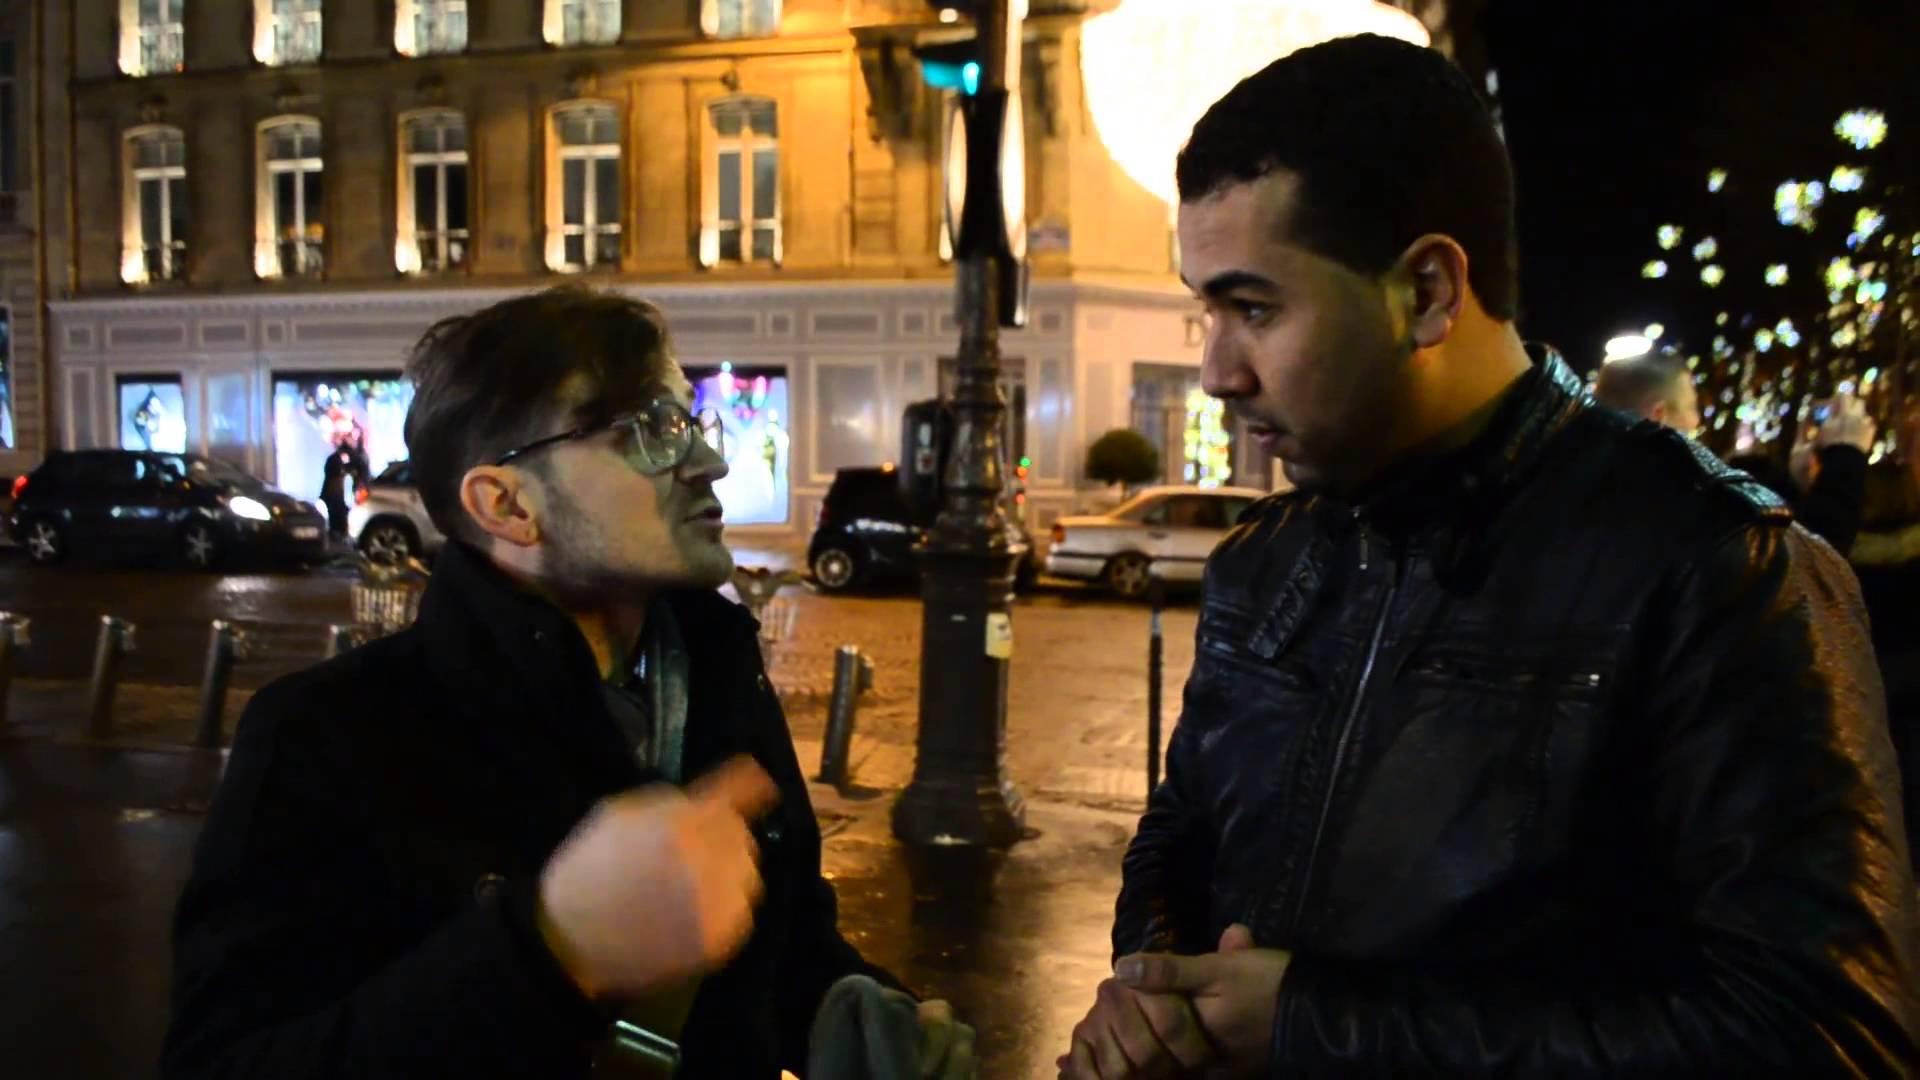 كندي وأمريكية يتحدثان الدارجة المغربية بطلاقة